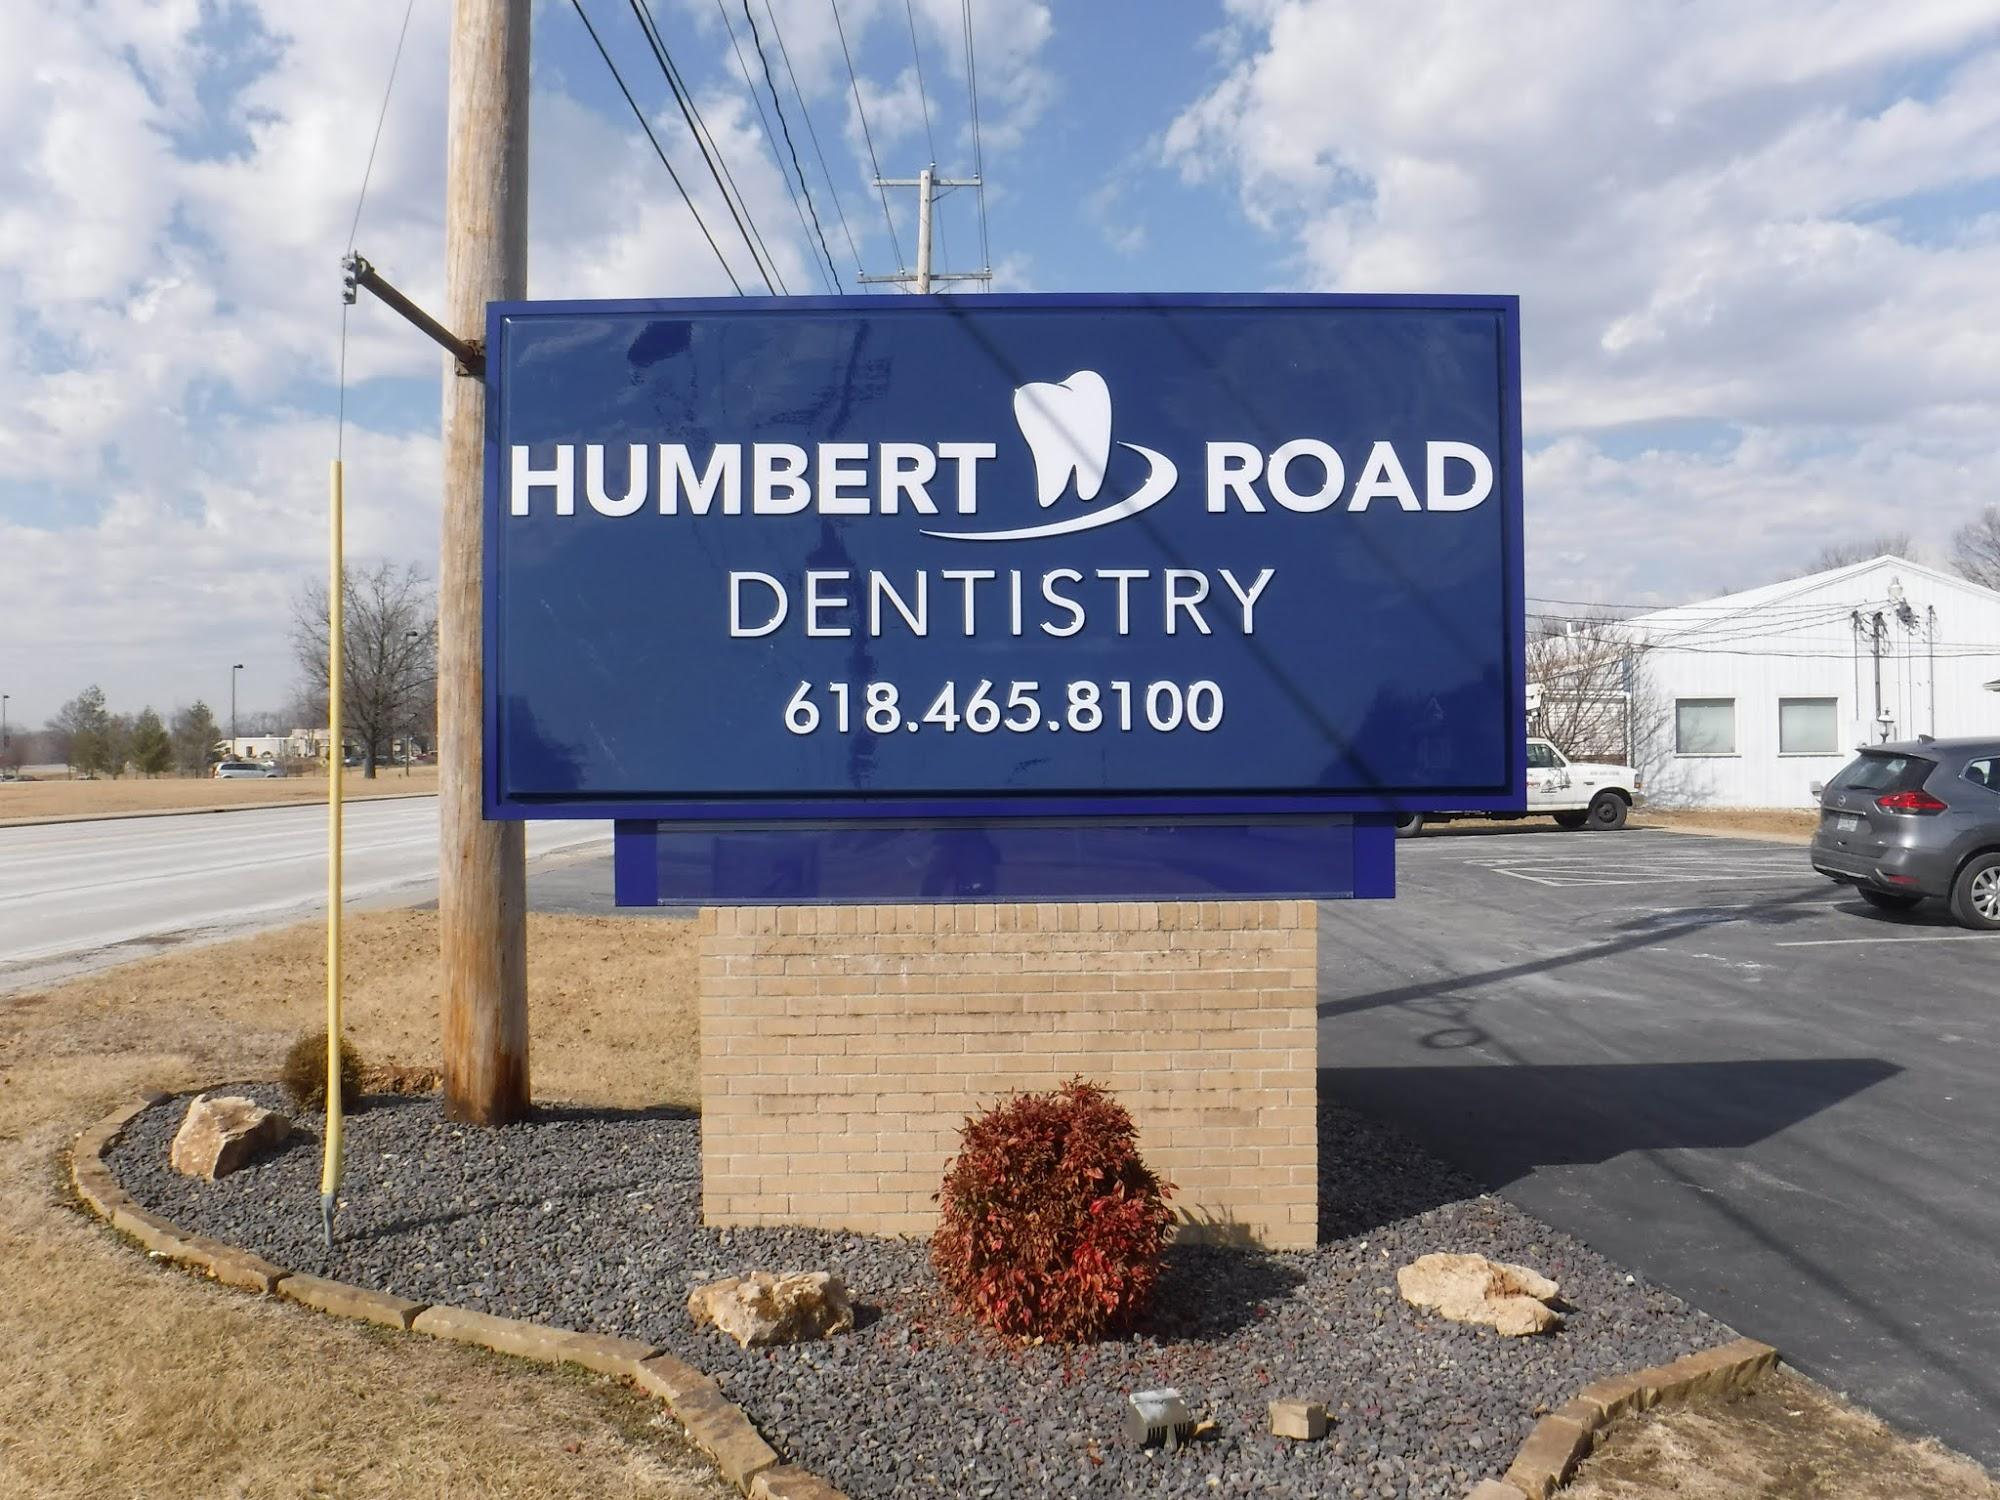 Humbert Road Dentistry 4119 Humbert Rd, Alton